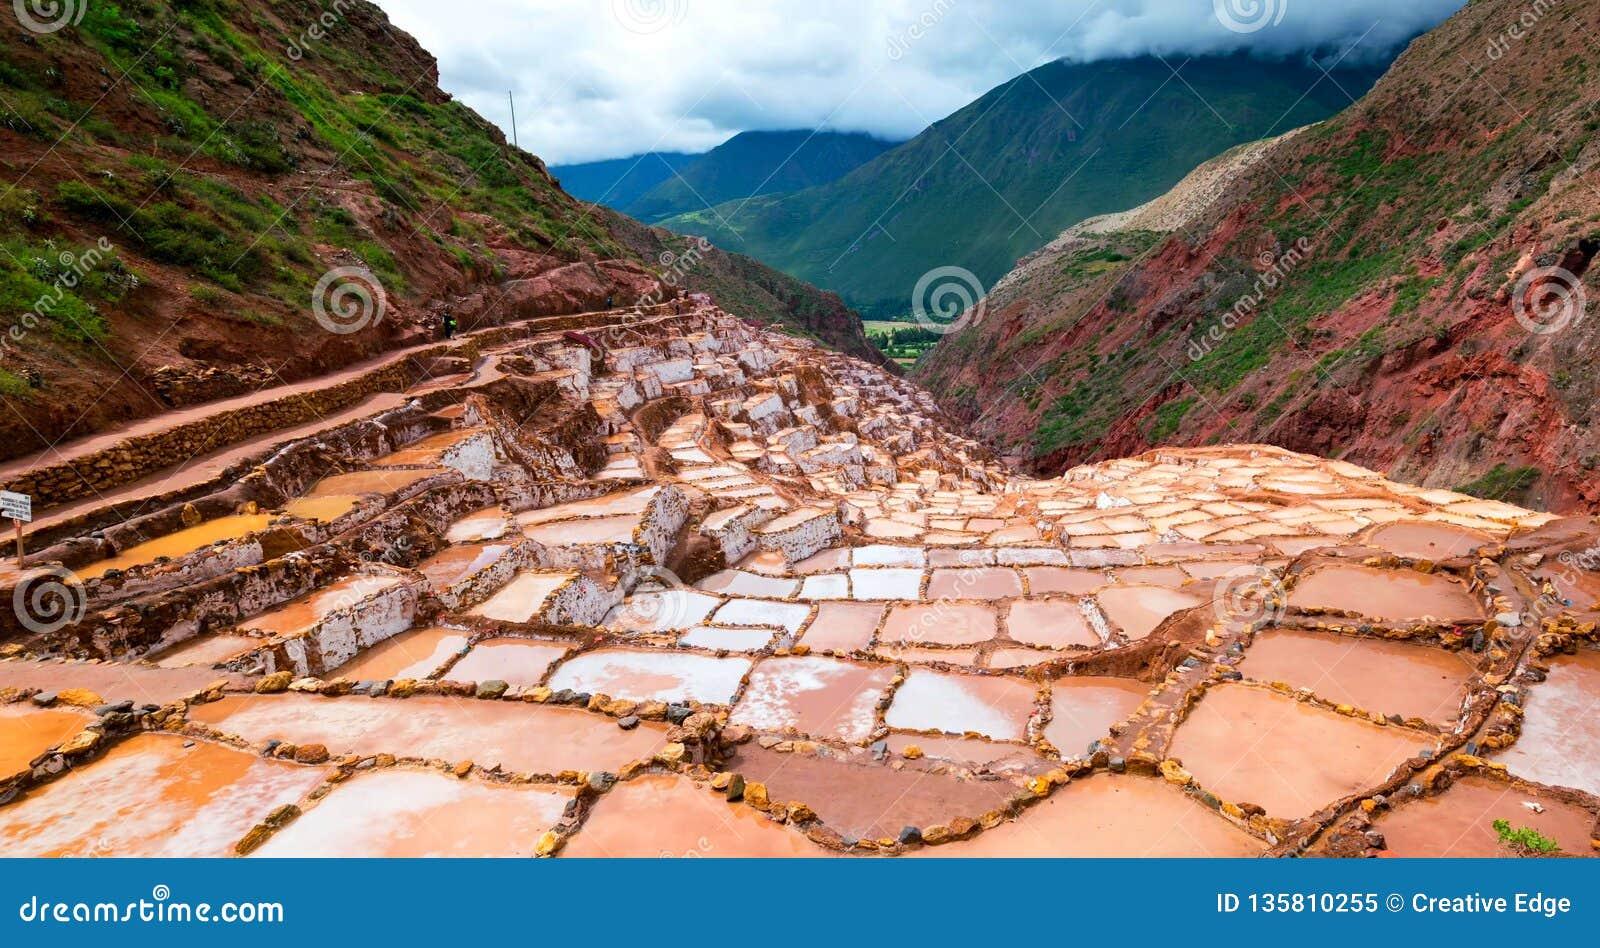 Imagem conservada em estoque da paisagem do Peru